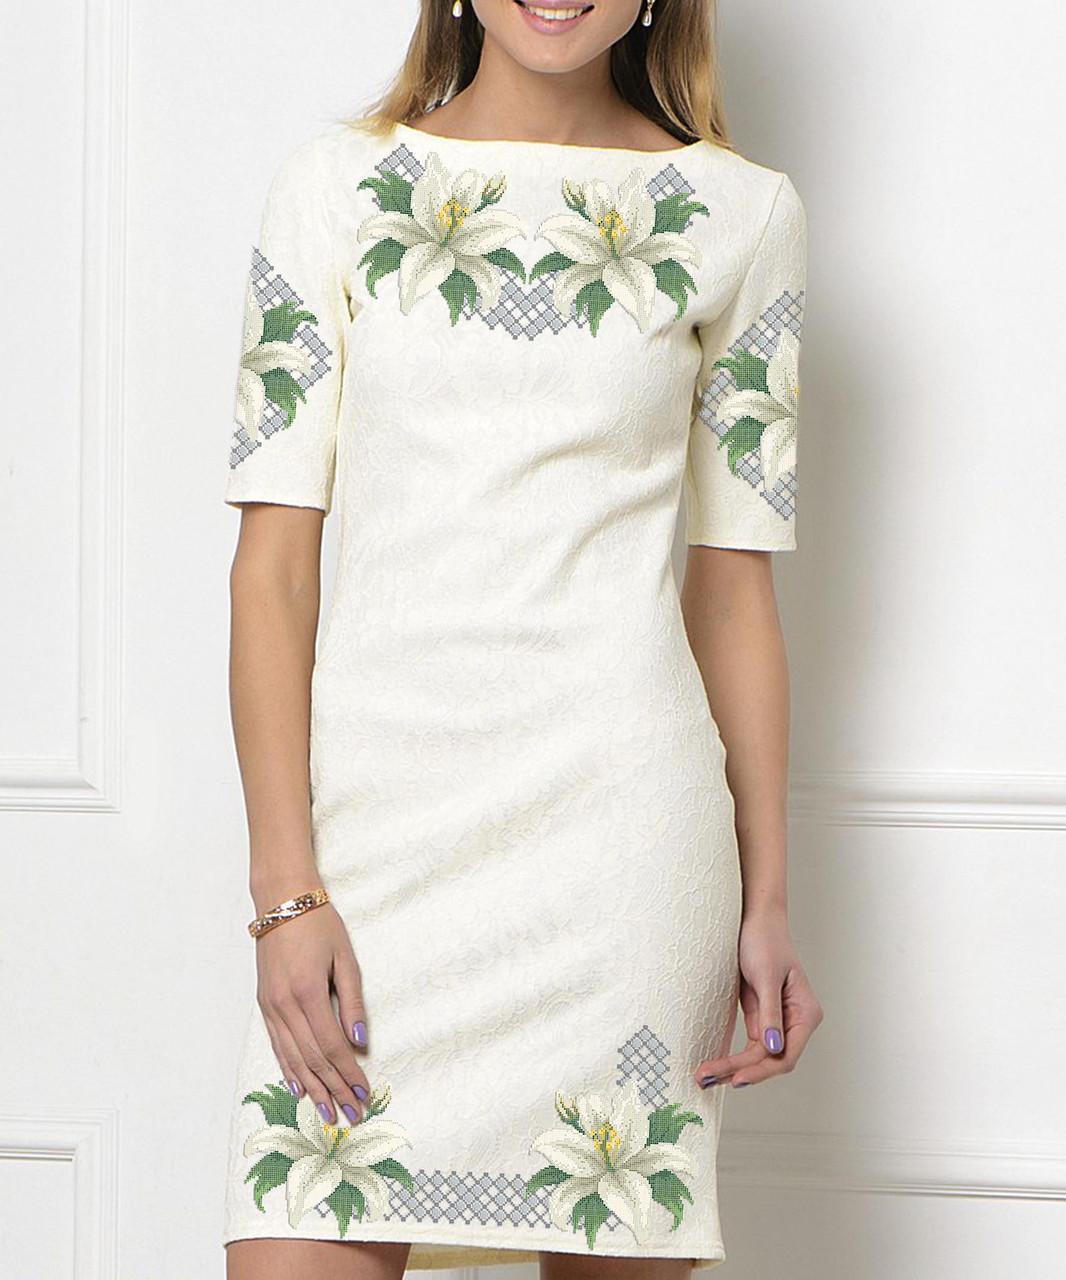 Заготовка жіночого плаття чи сукні для вишивки та вишивання бісером Бисерок  «Білі лілії» (П-92 ГБ) Габардин